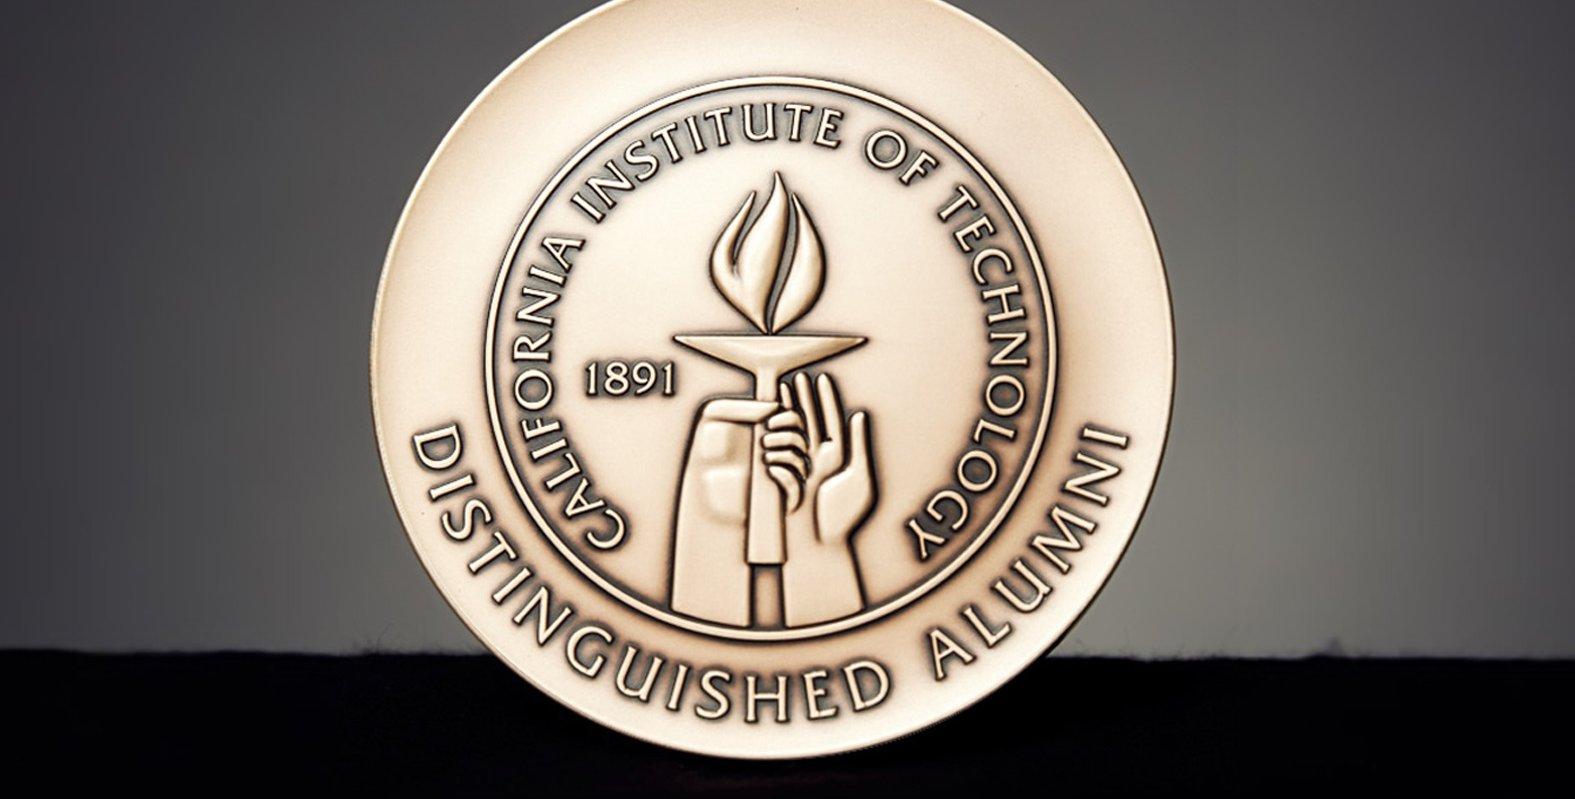 Distinguished Alumni Award Medal